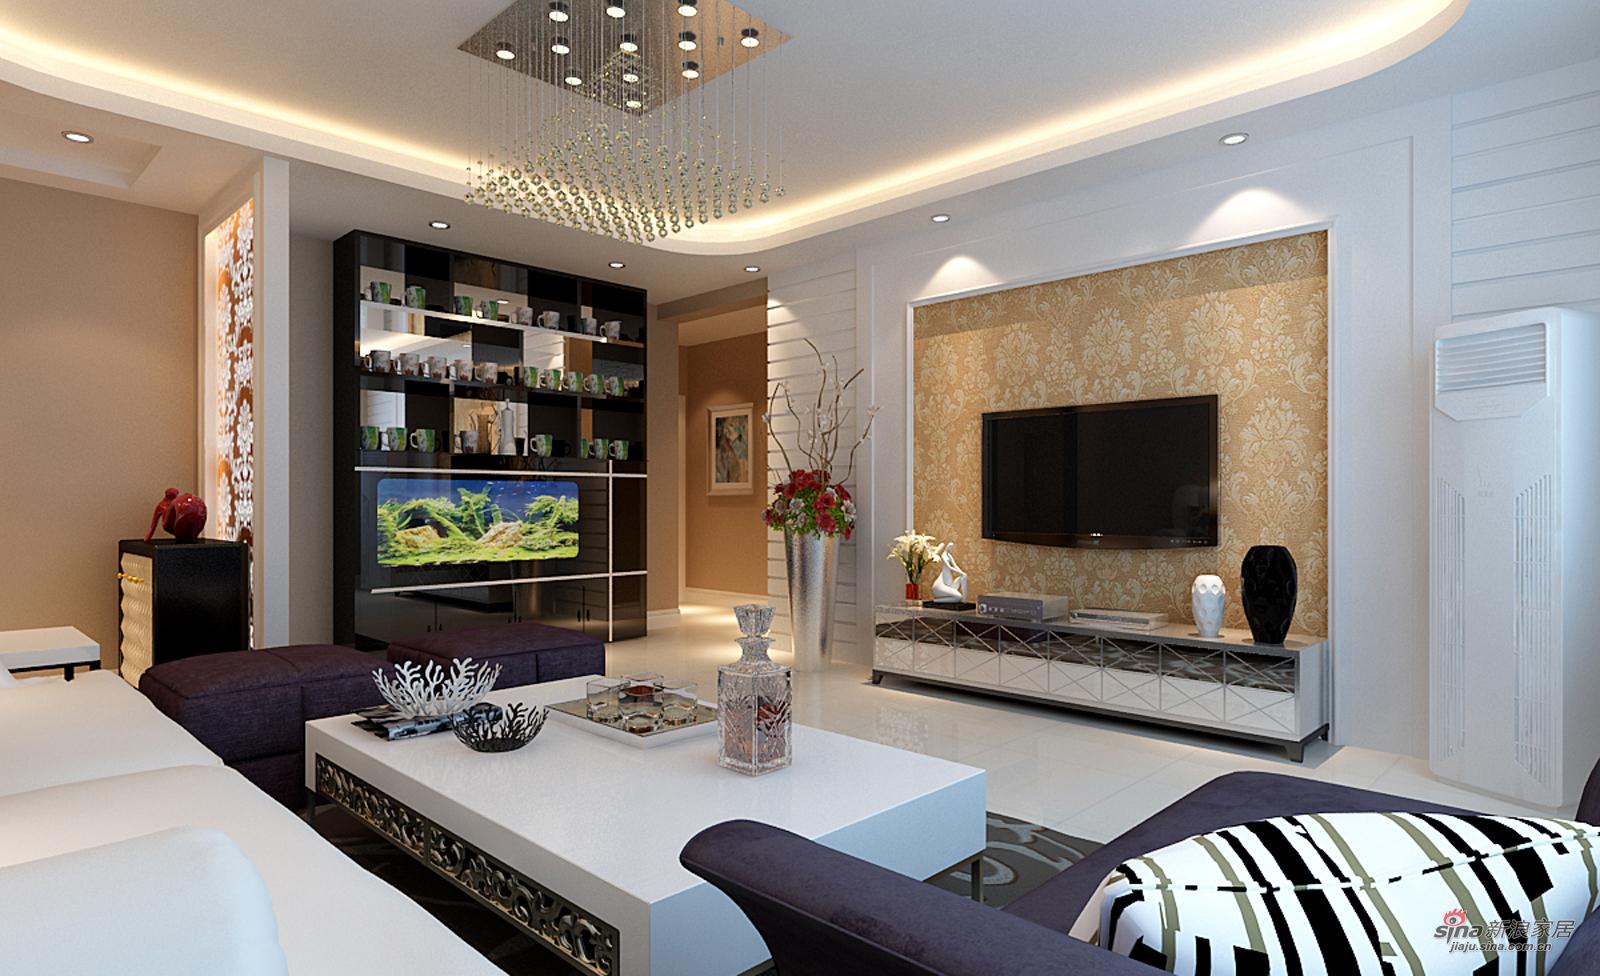 欧式 四居 客厅图片来自用户2745758987在我的专辑396919的分享